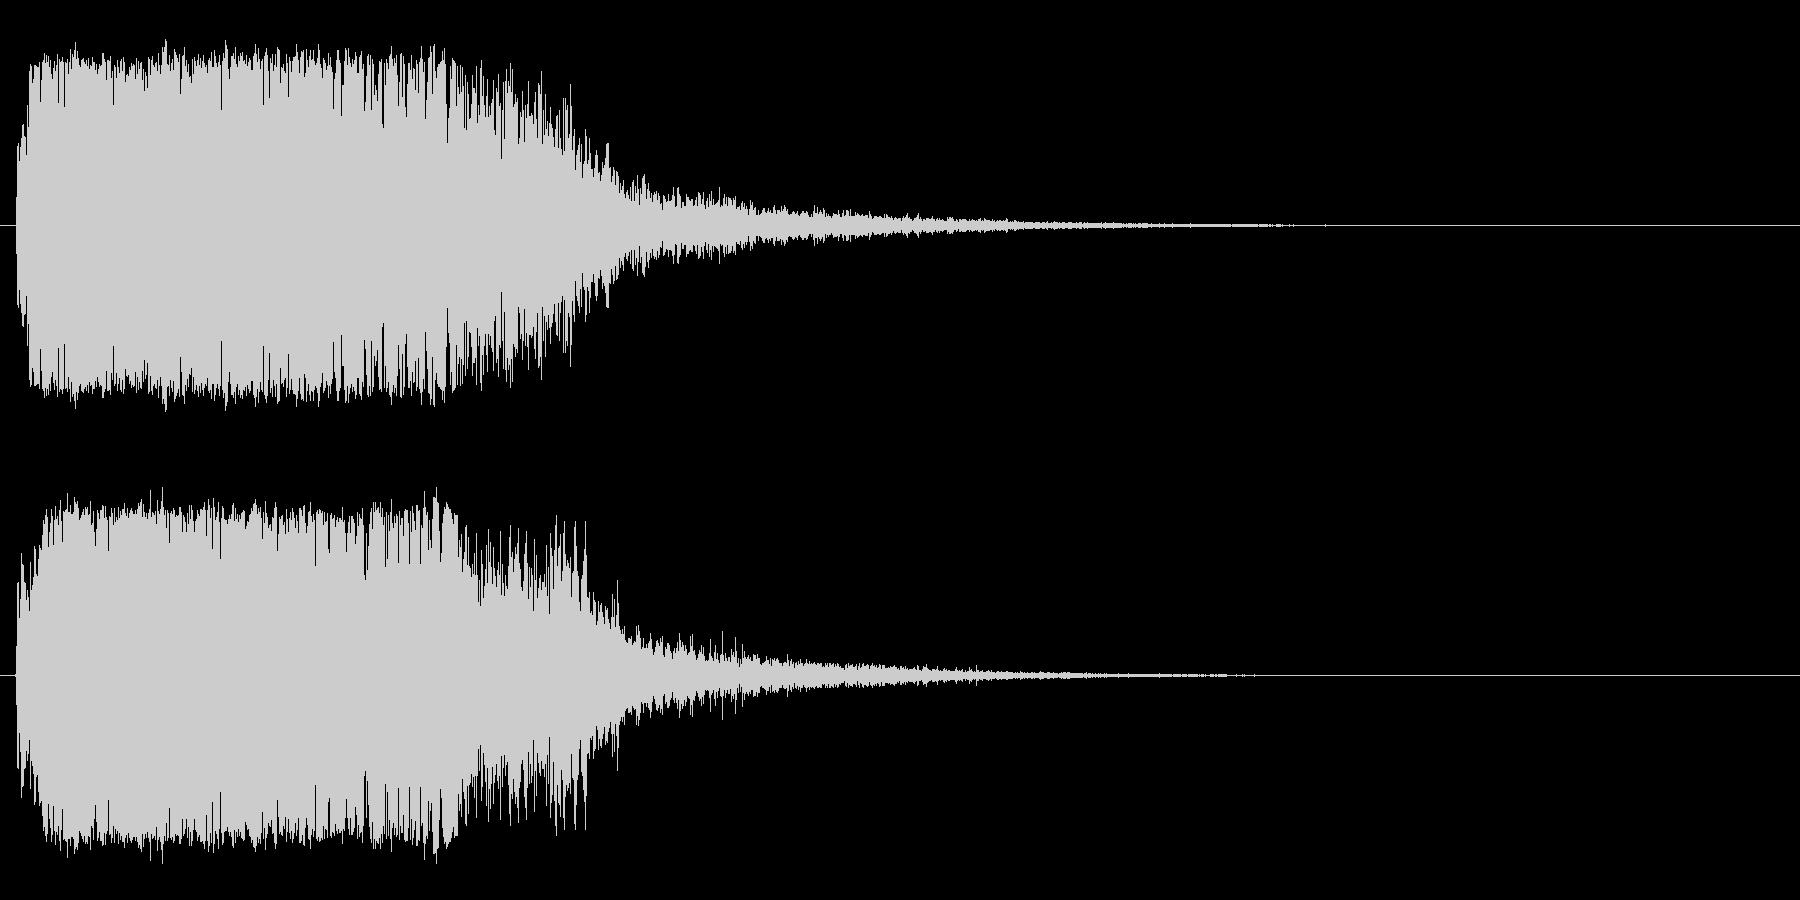 強_ジャキーン系_告知音系_09の未再生の波形